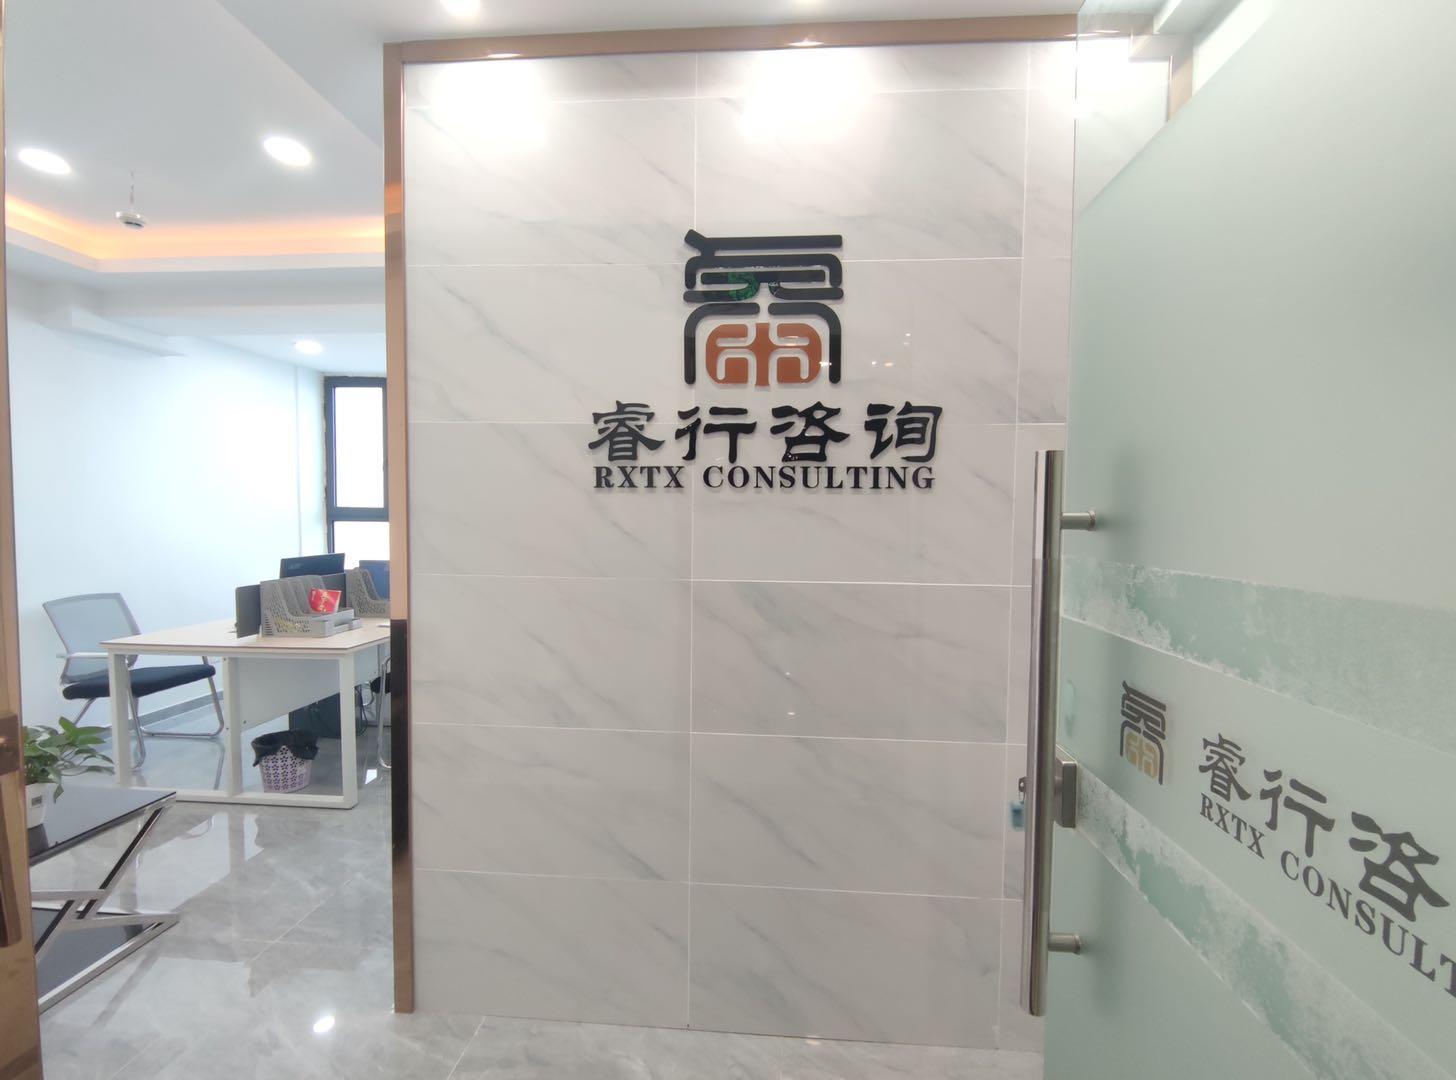 青羊万达 小型办公室 6工位 形象墙 玻璃门